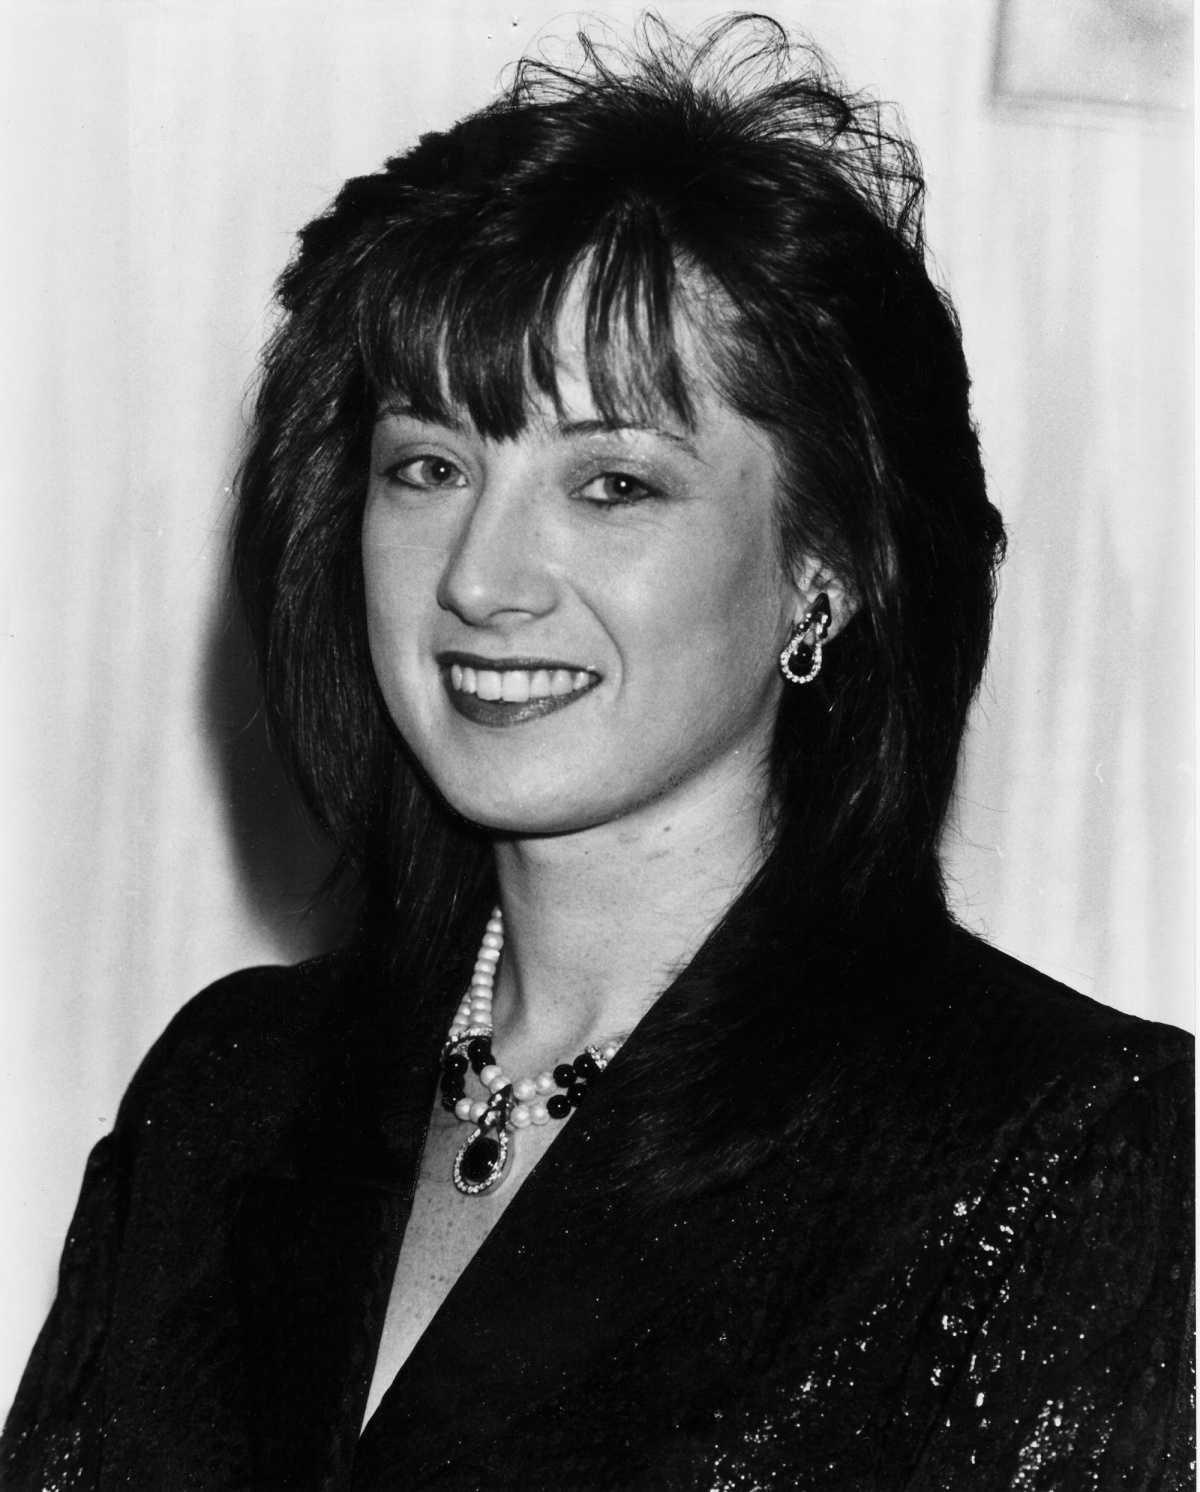 1989 Dublin - Sinéad Boyle